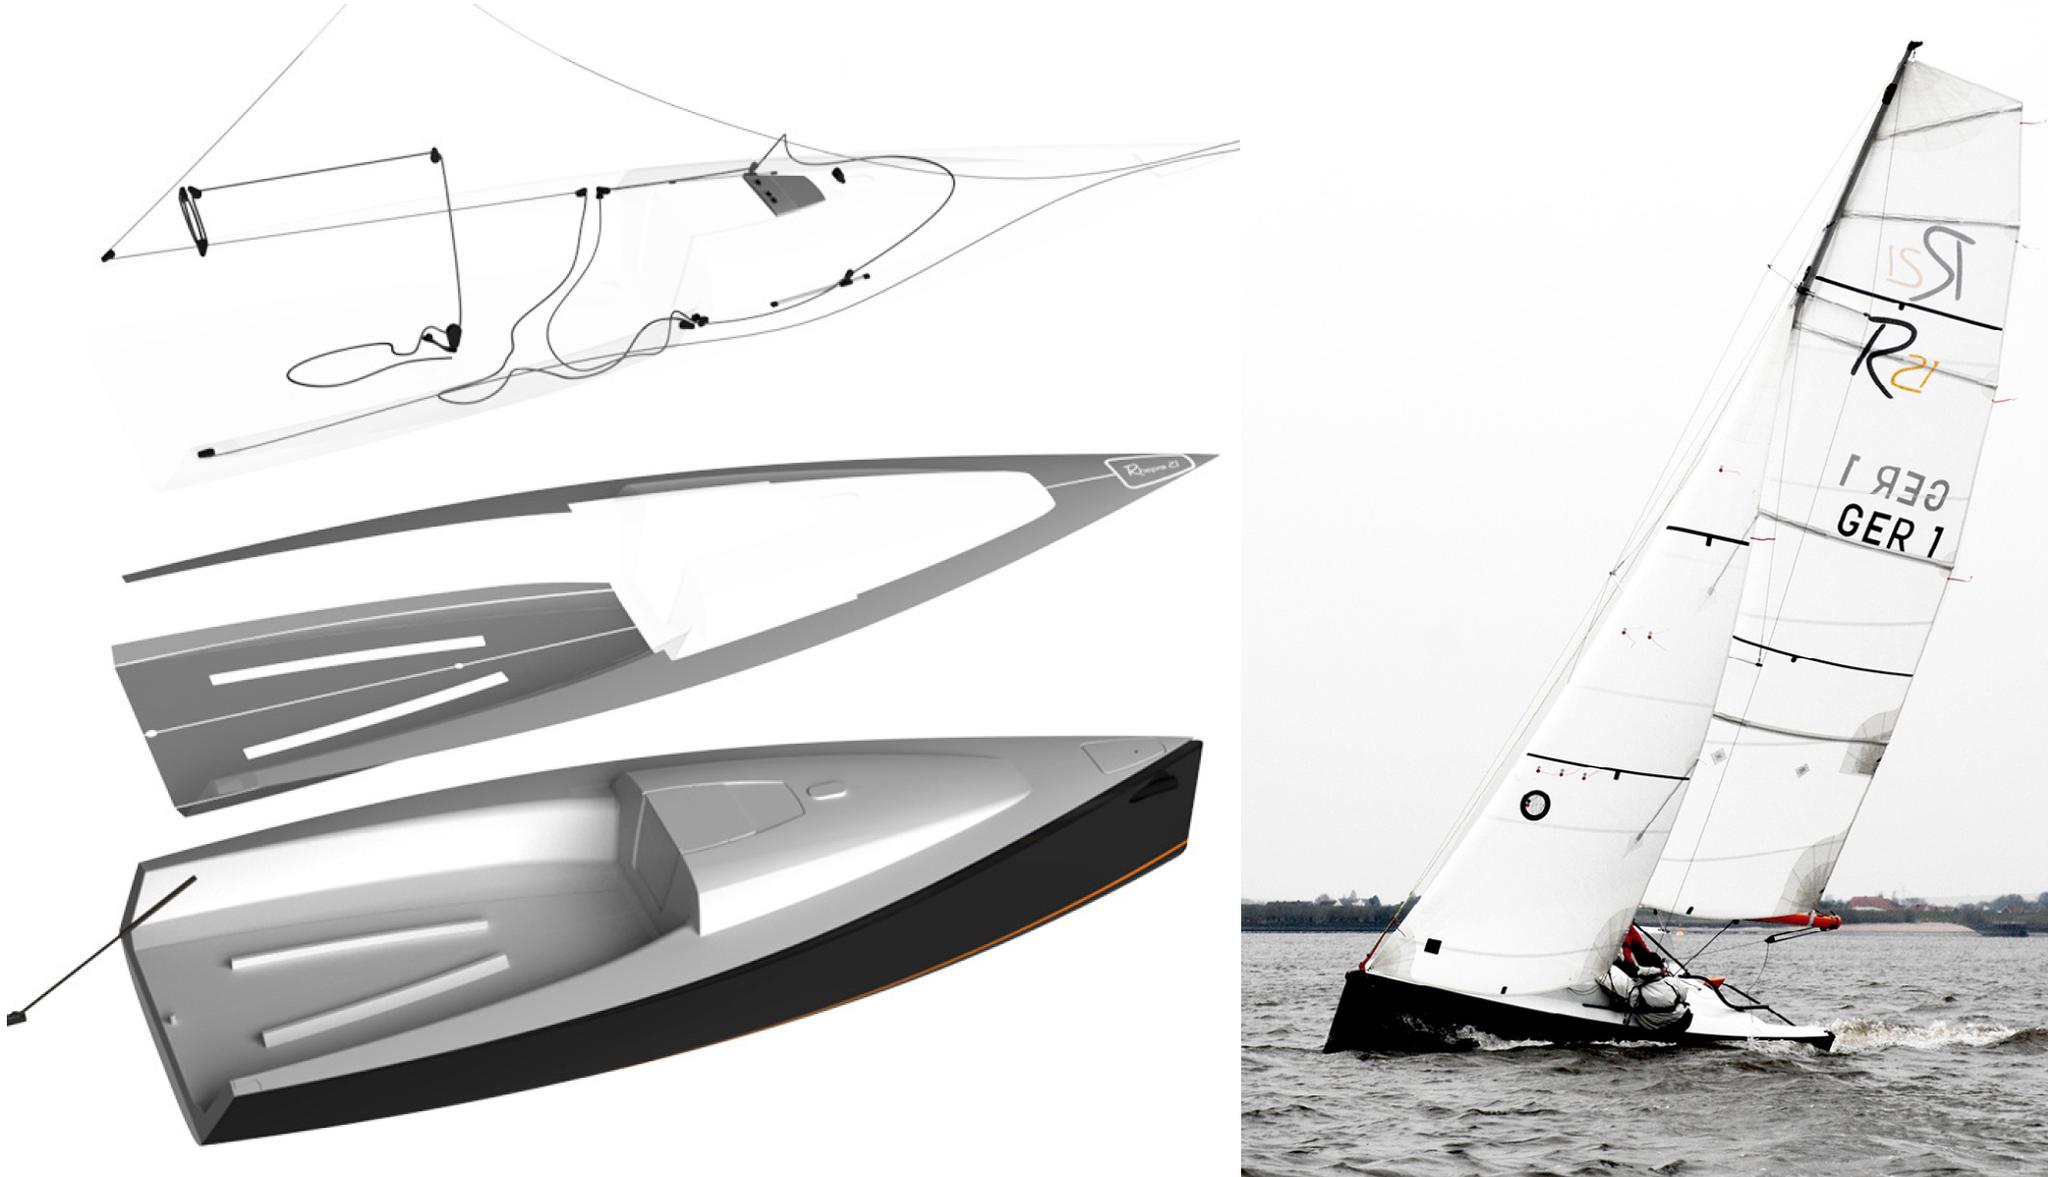 Design vom Decksaufbau des Sportkielbootes Rhepro 21